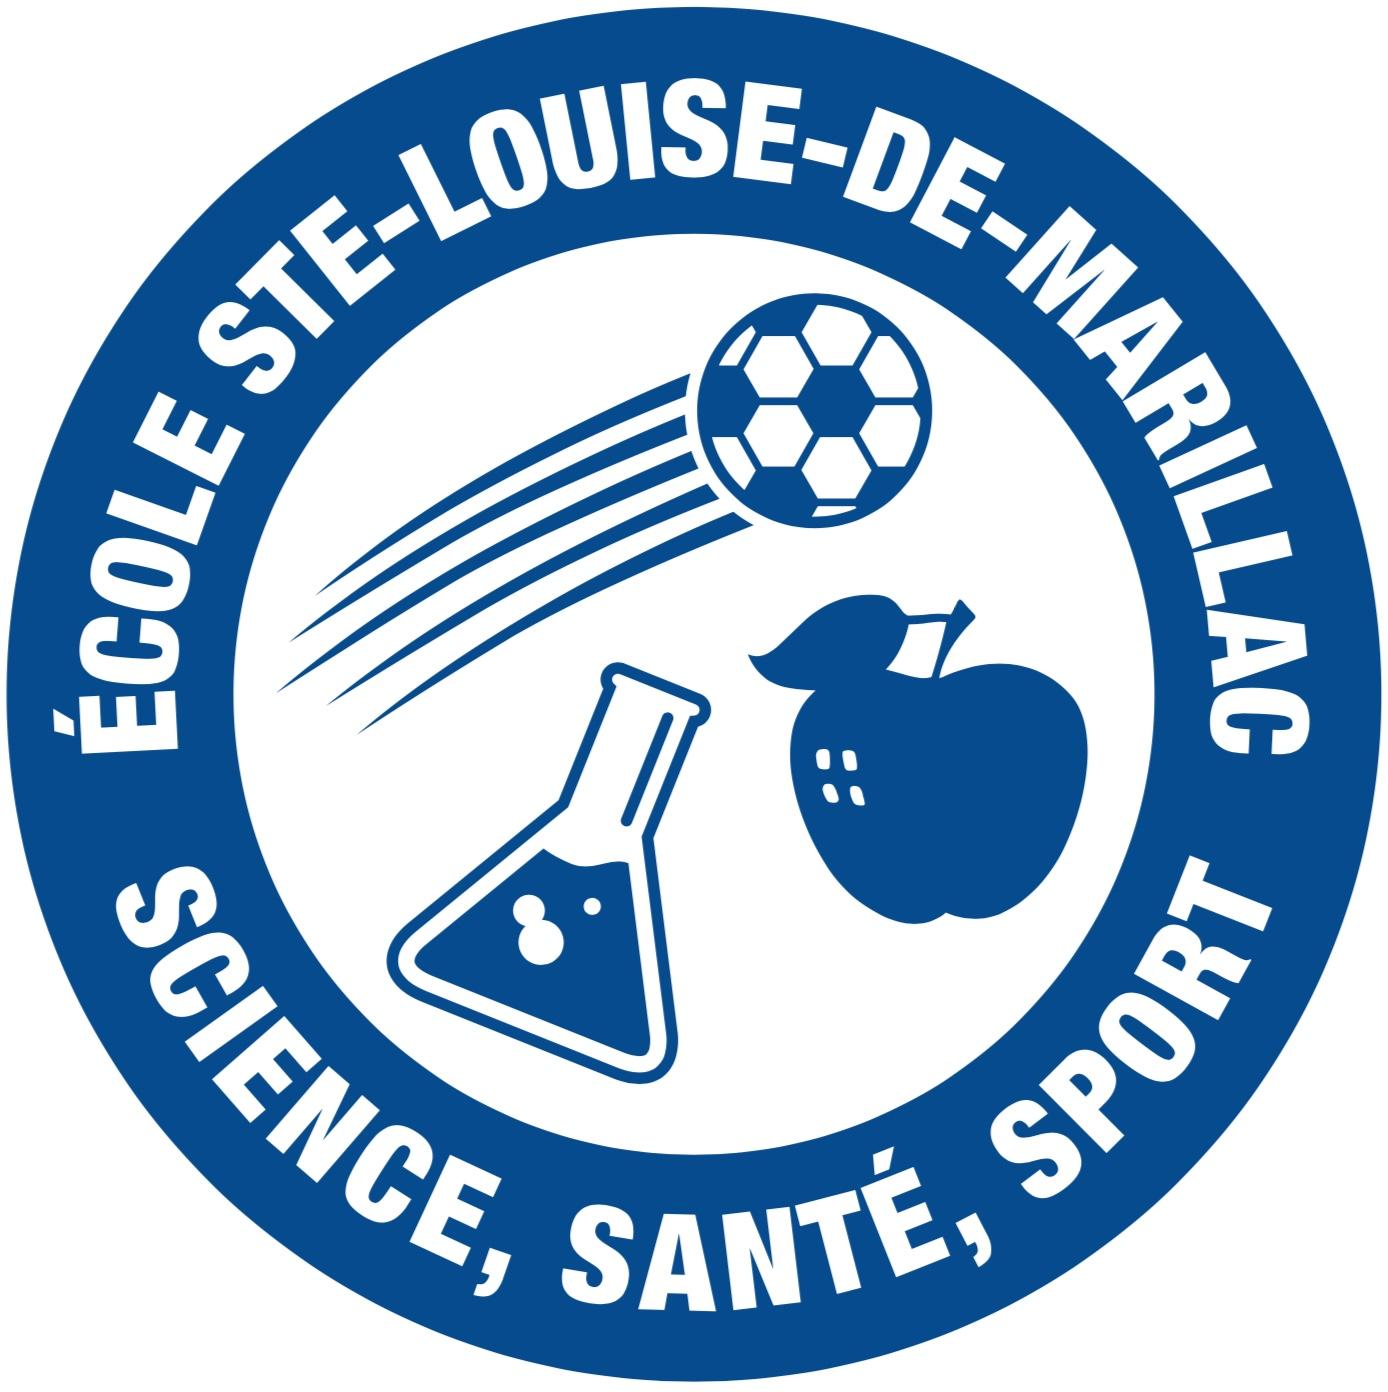 École Sainte-Louise-de-Marillac